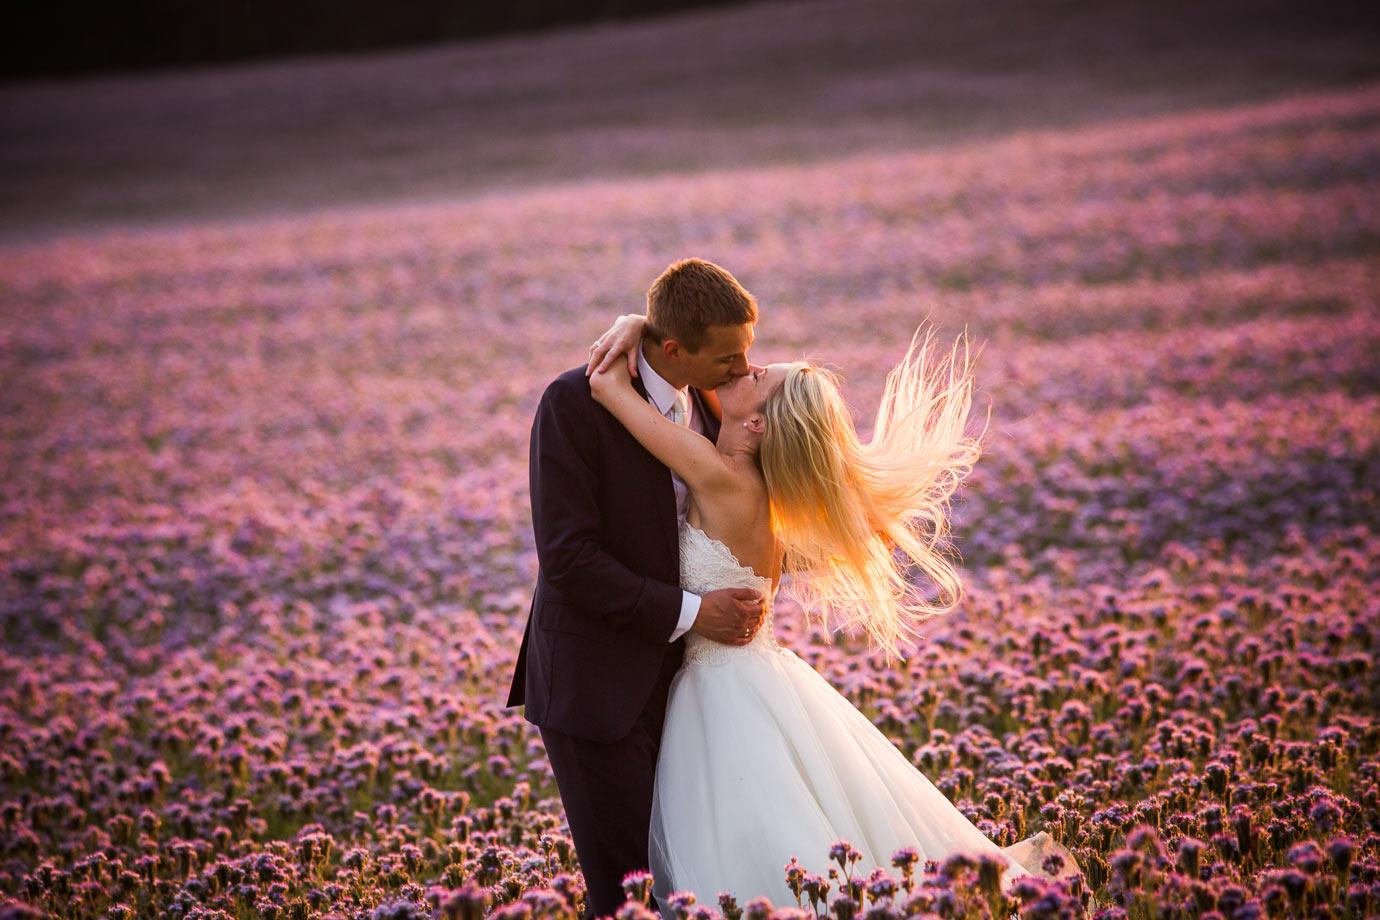 sesja ślubna na łące pełnej kwiatów